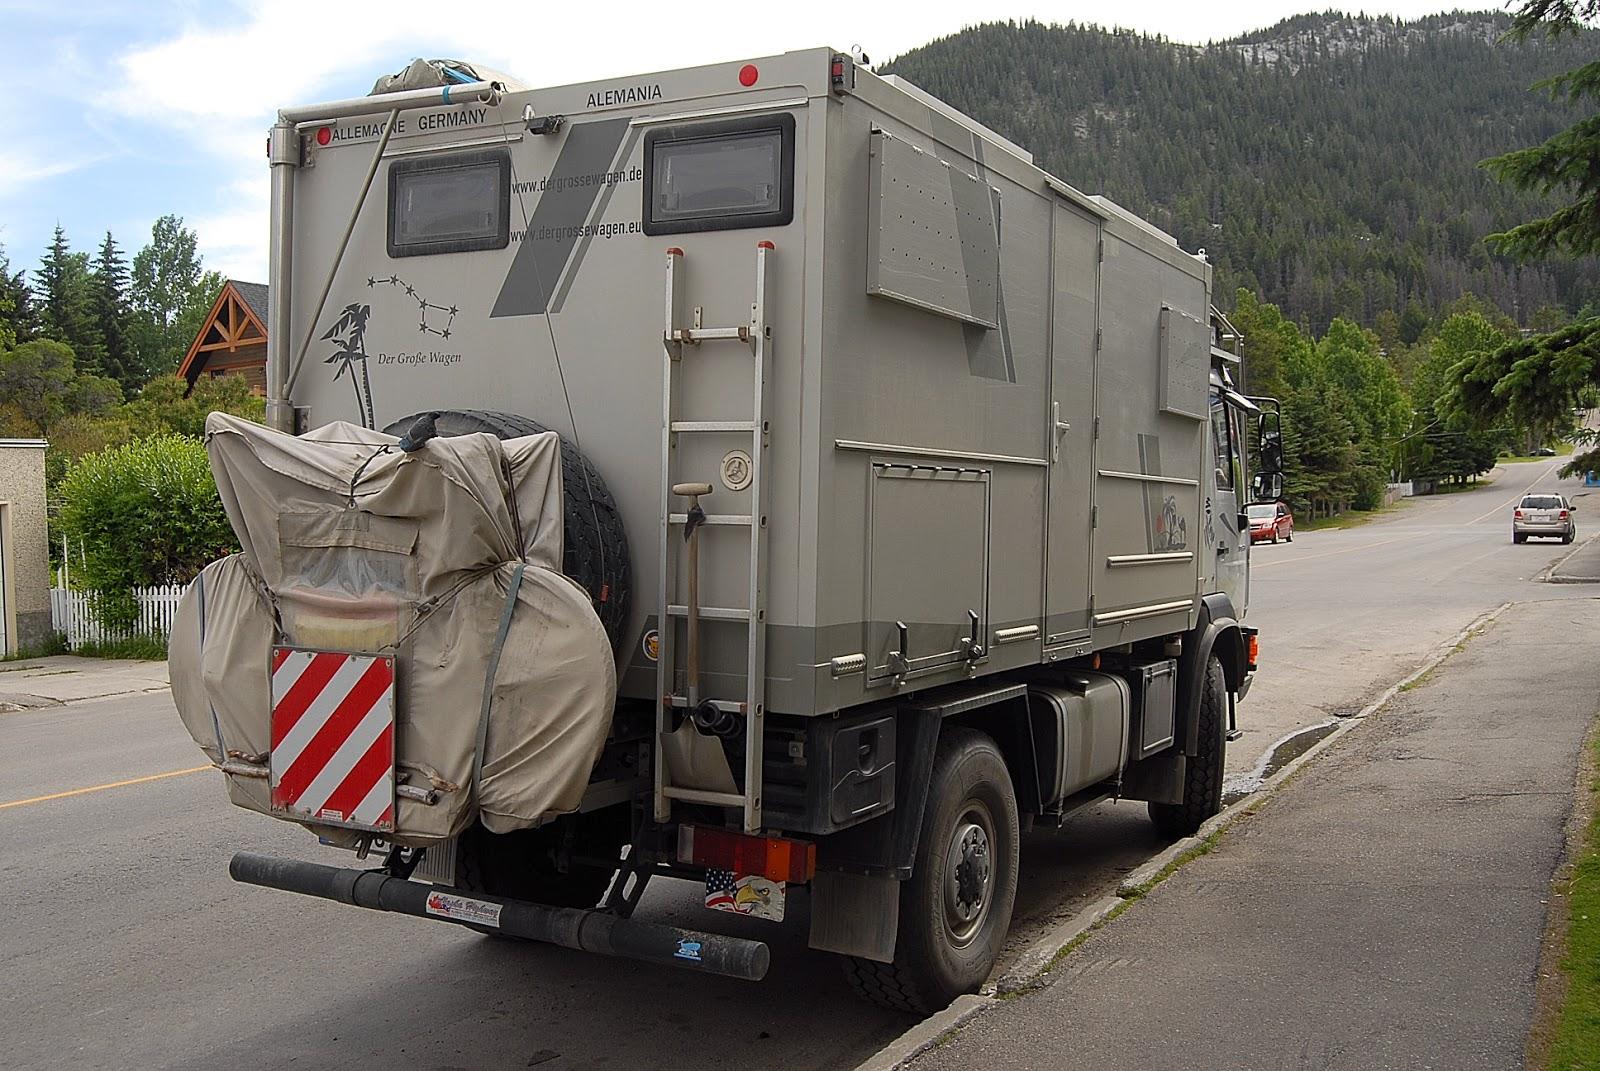 autoliterate: MAN LE10 220 4x4 truck camper in Banff